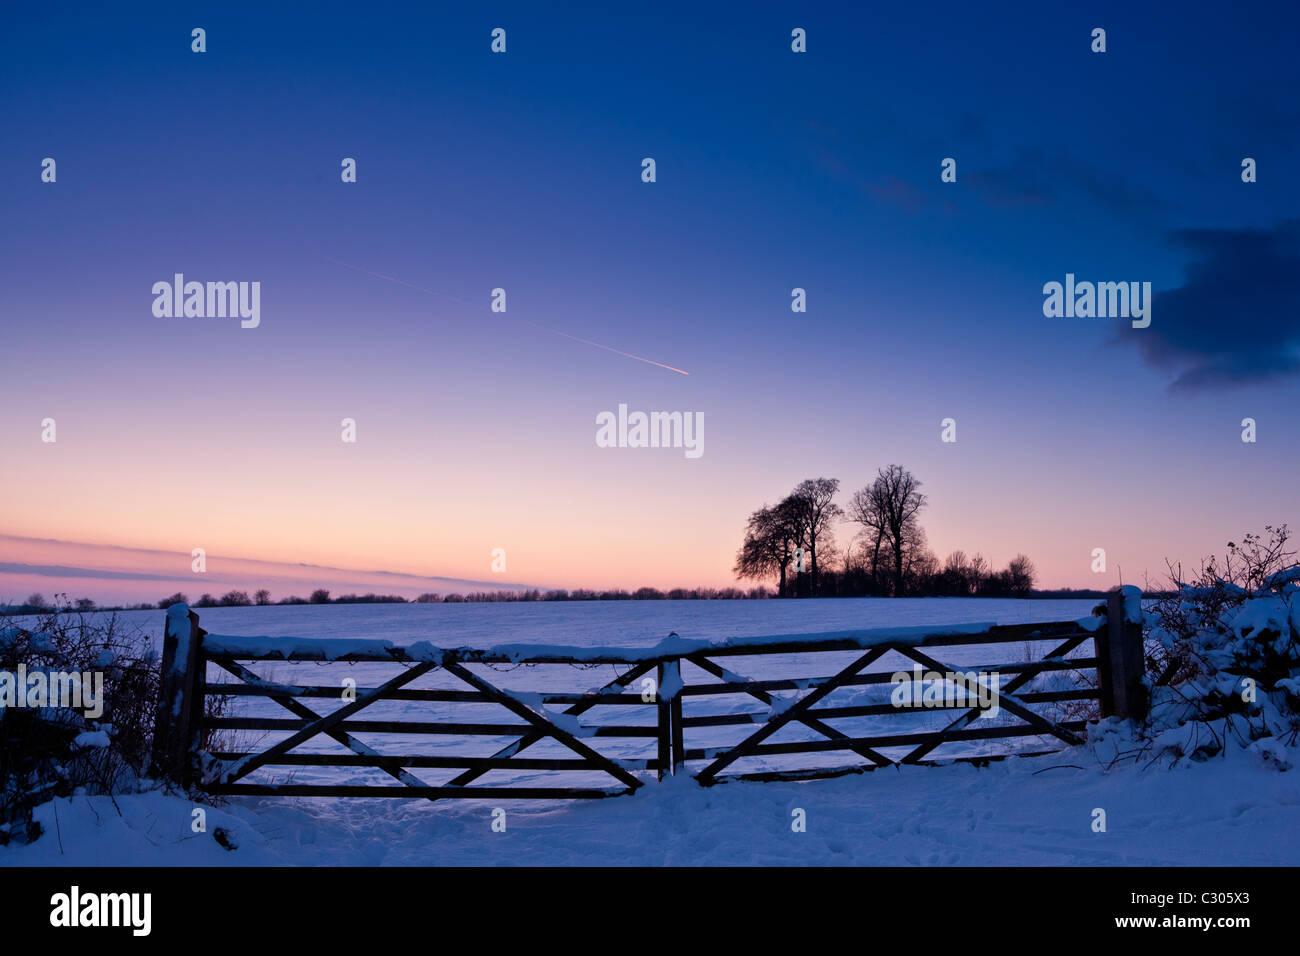 Ab-Hof in traditionellen Schnee-Szene in The Cotswolds, Swinbrook, Oxfordshire, Vereinigtes Königreich Stockbild